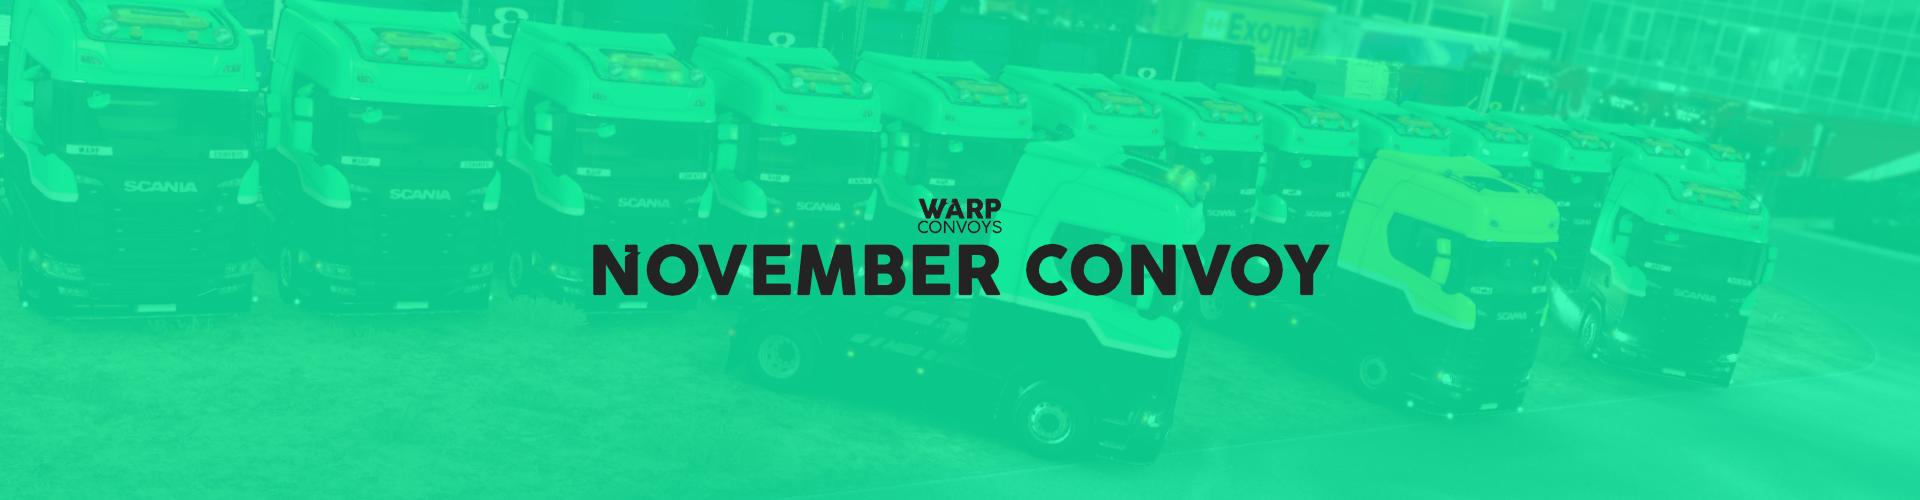 WARP Convoys | November Convoy